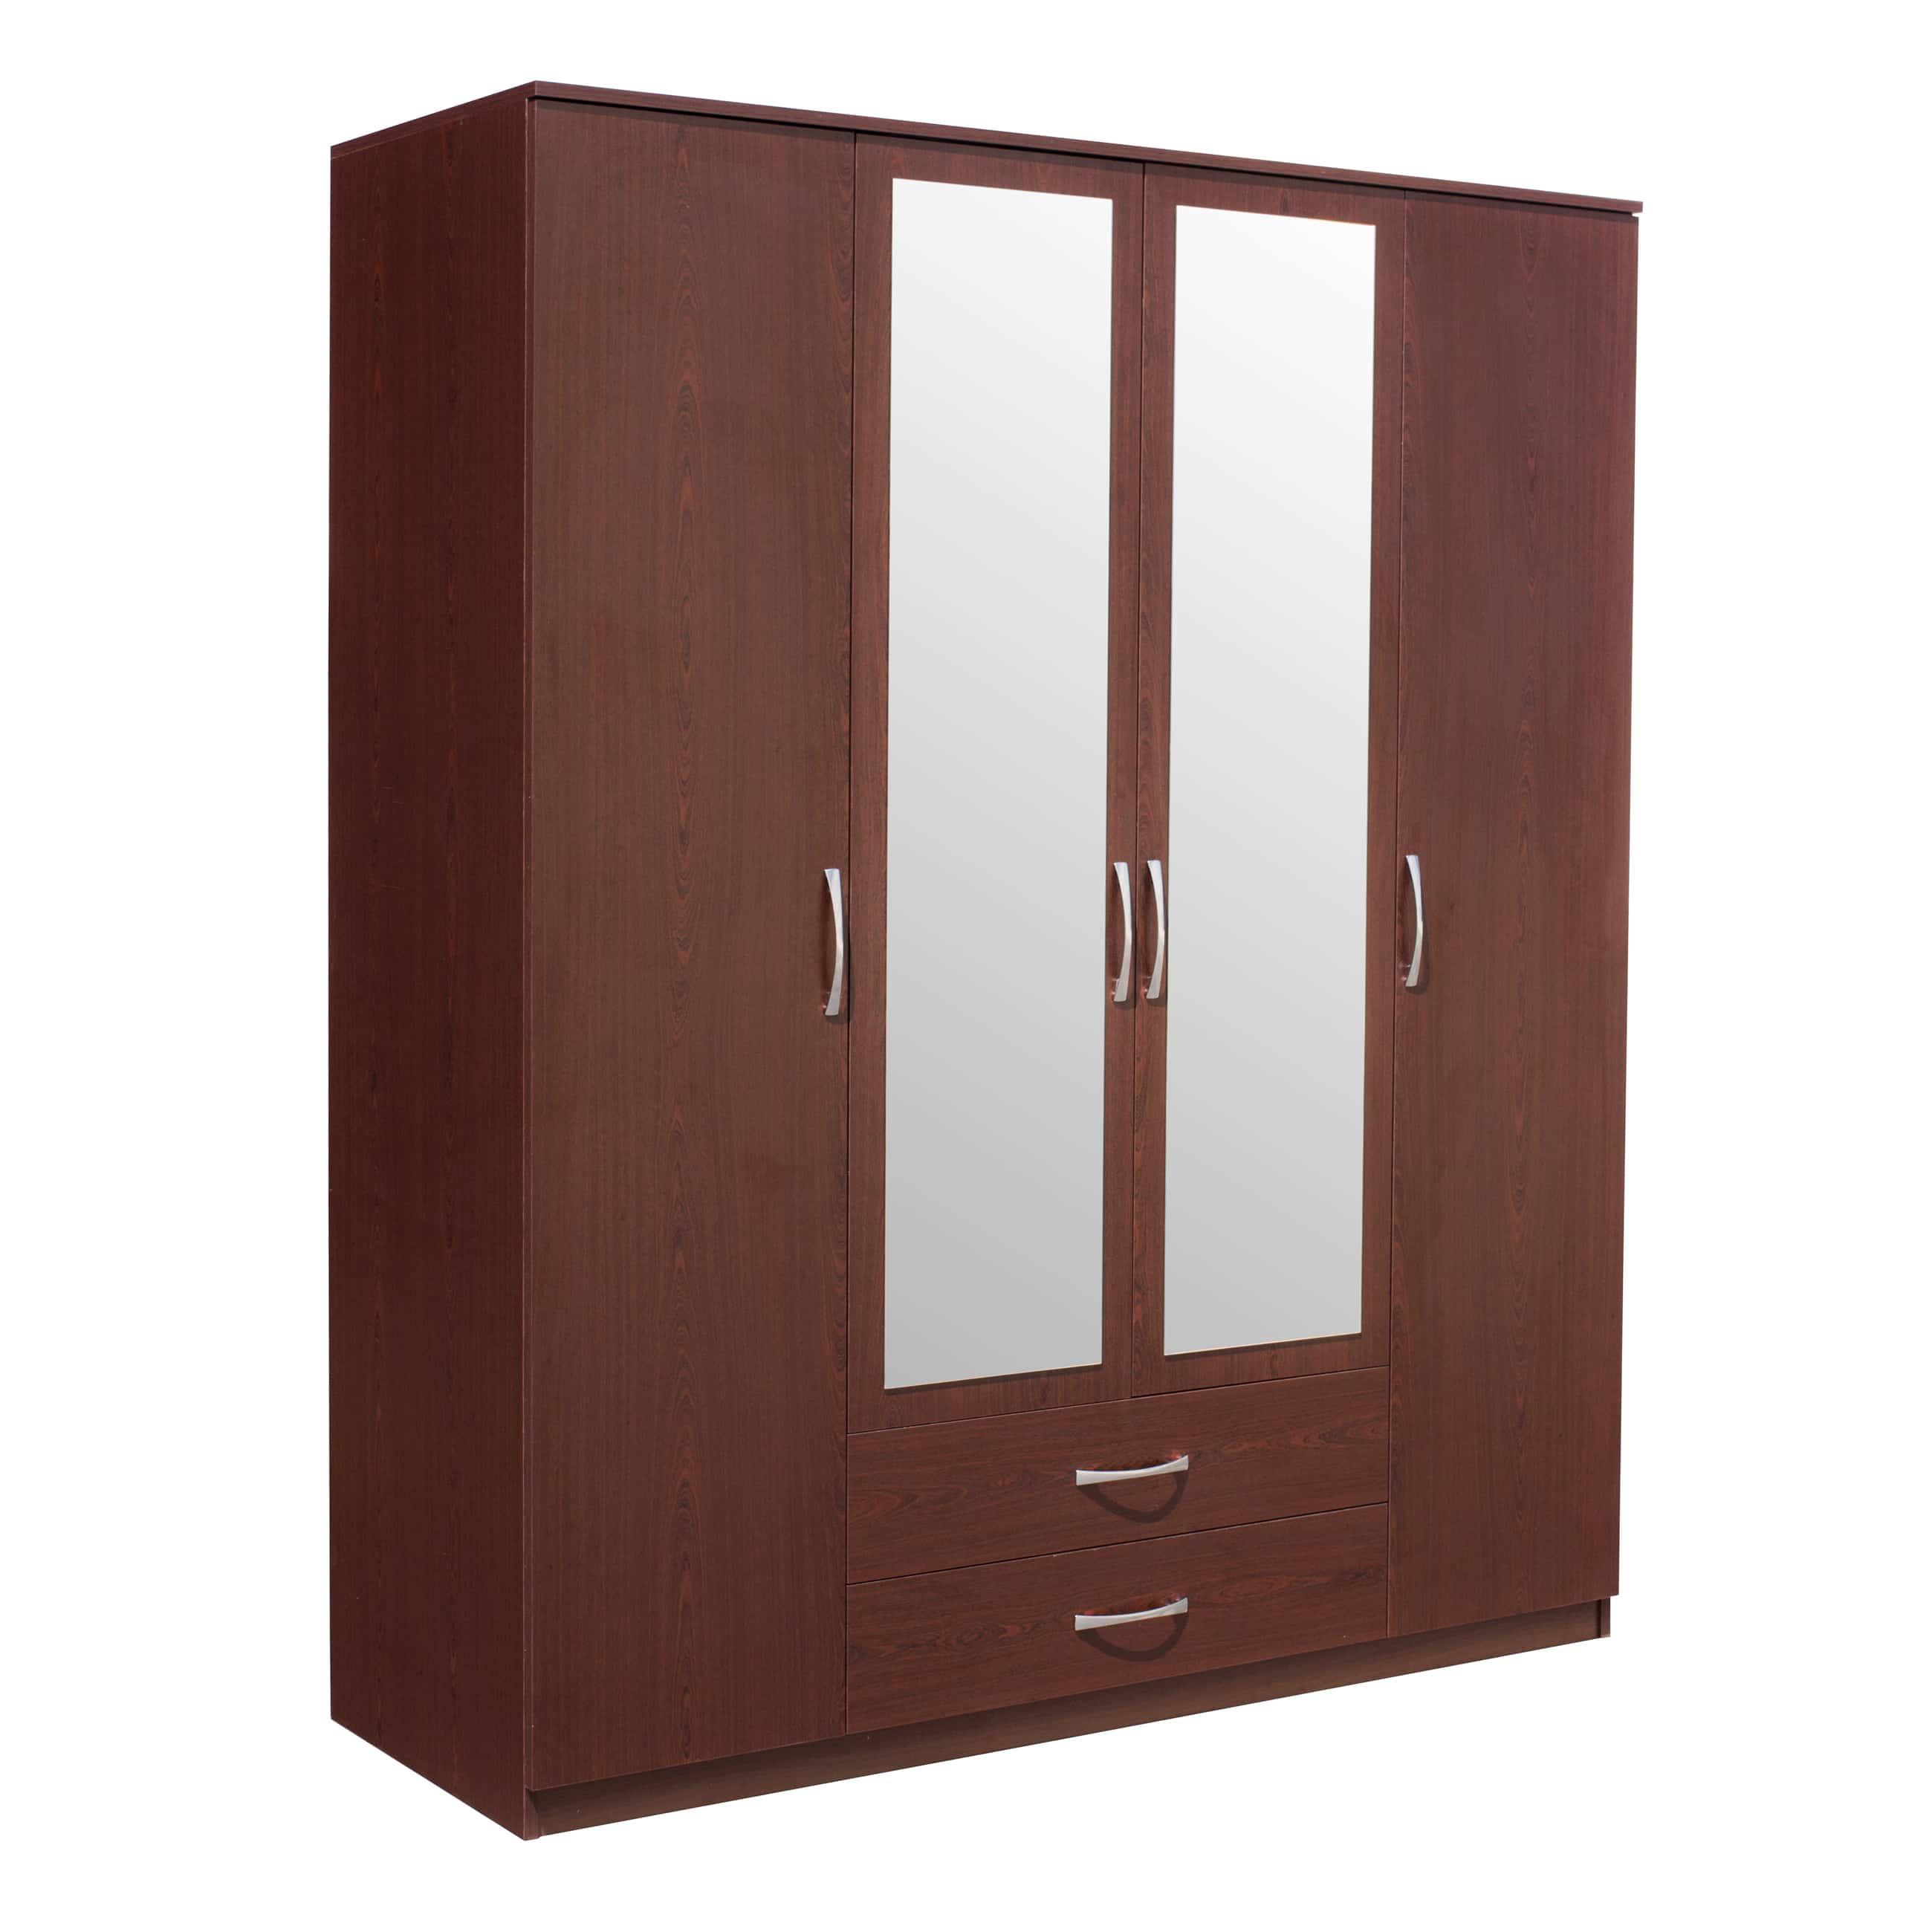 Deco Milano Mohagony 4 Door Wardrobe By Casamode